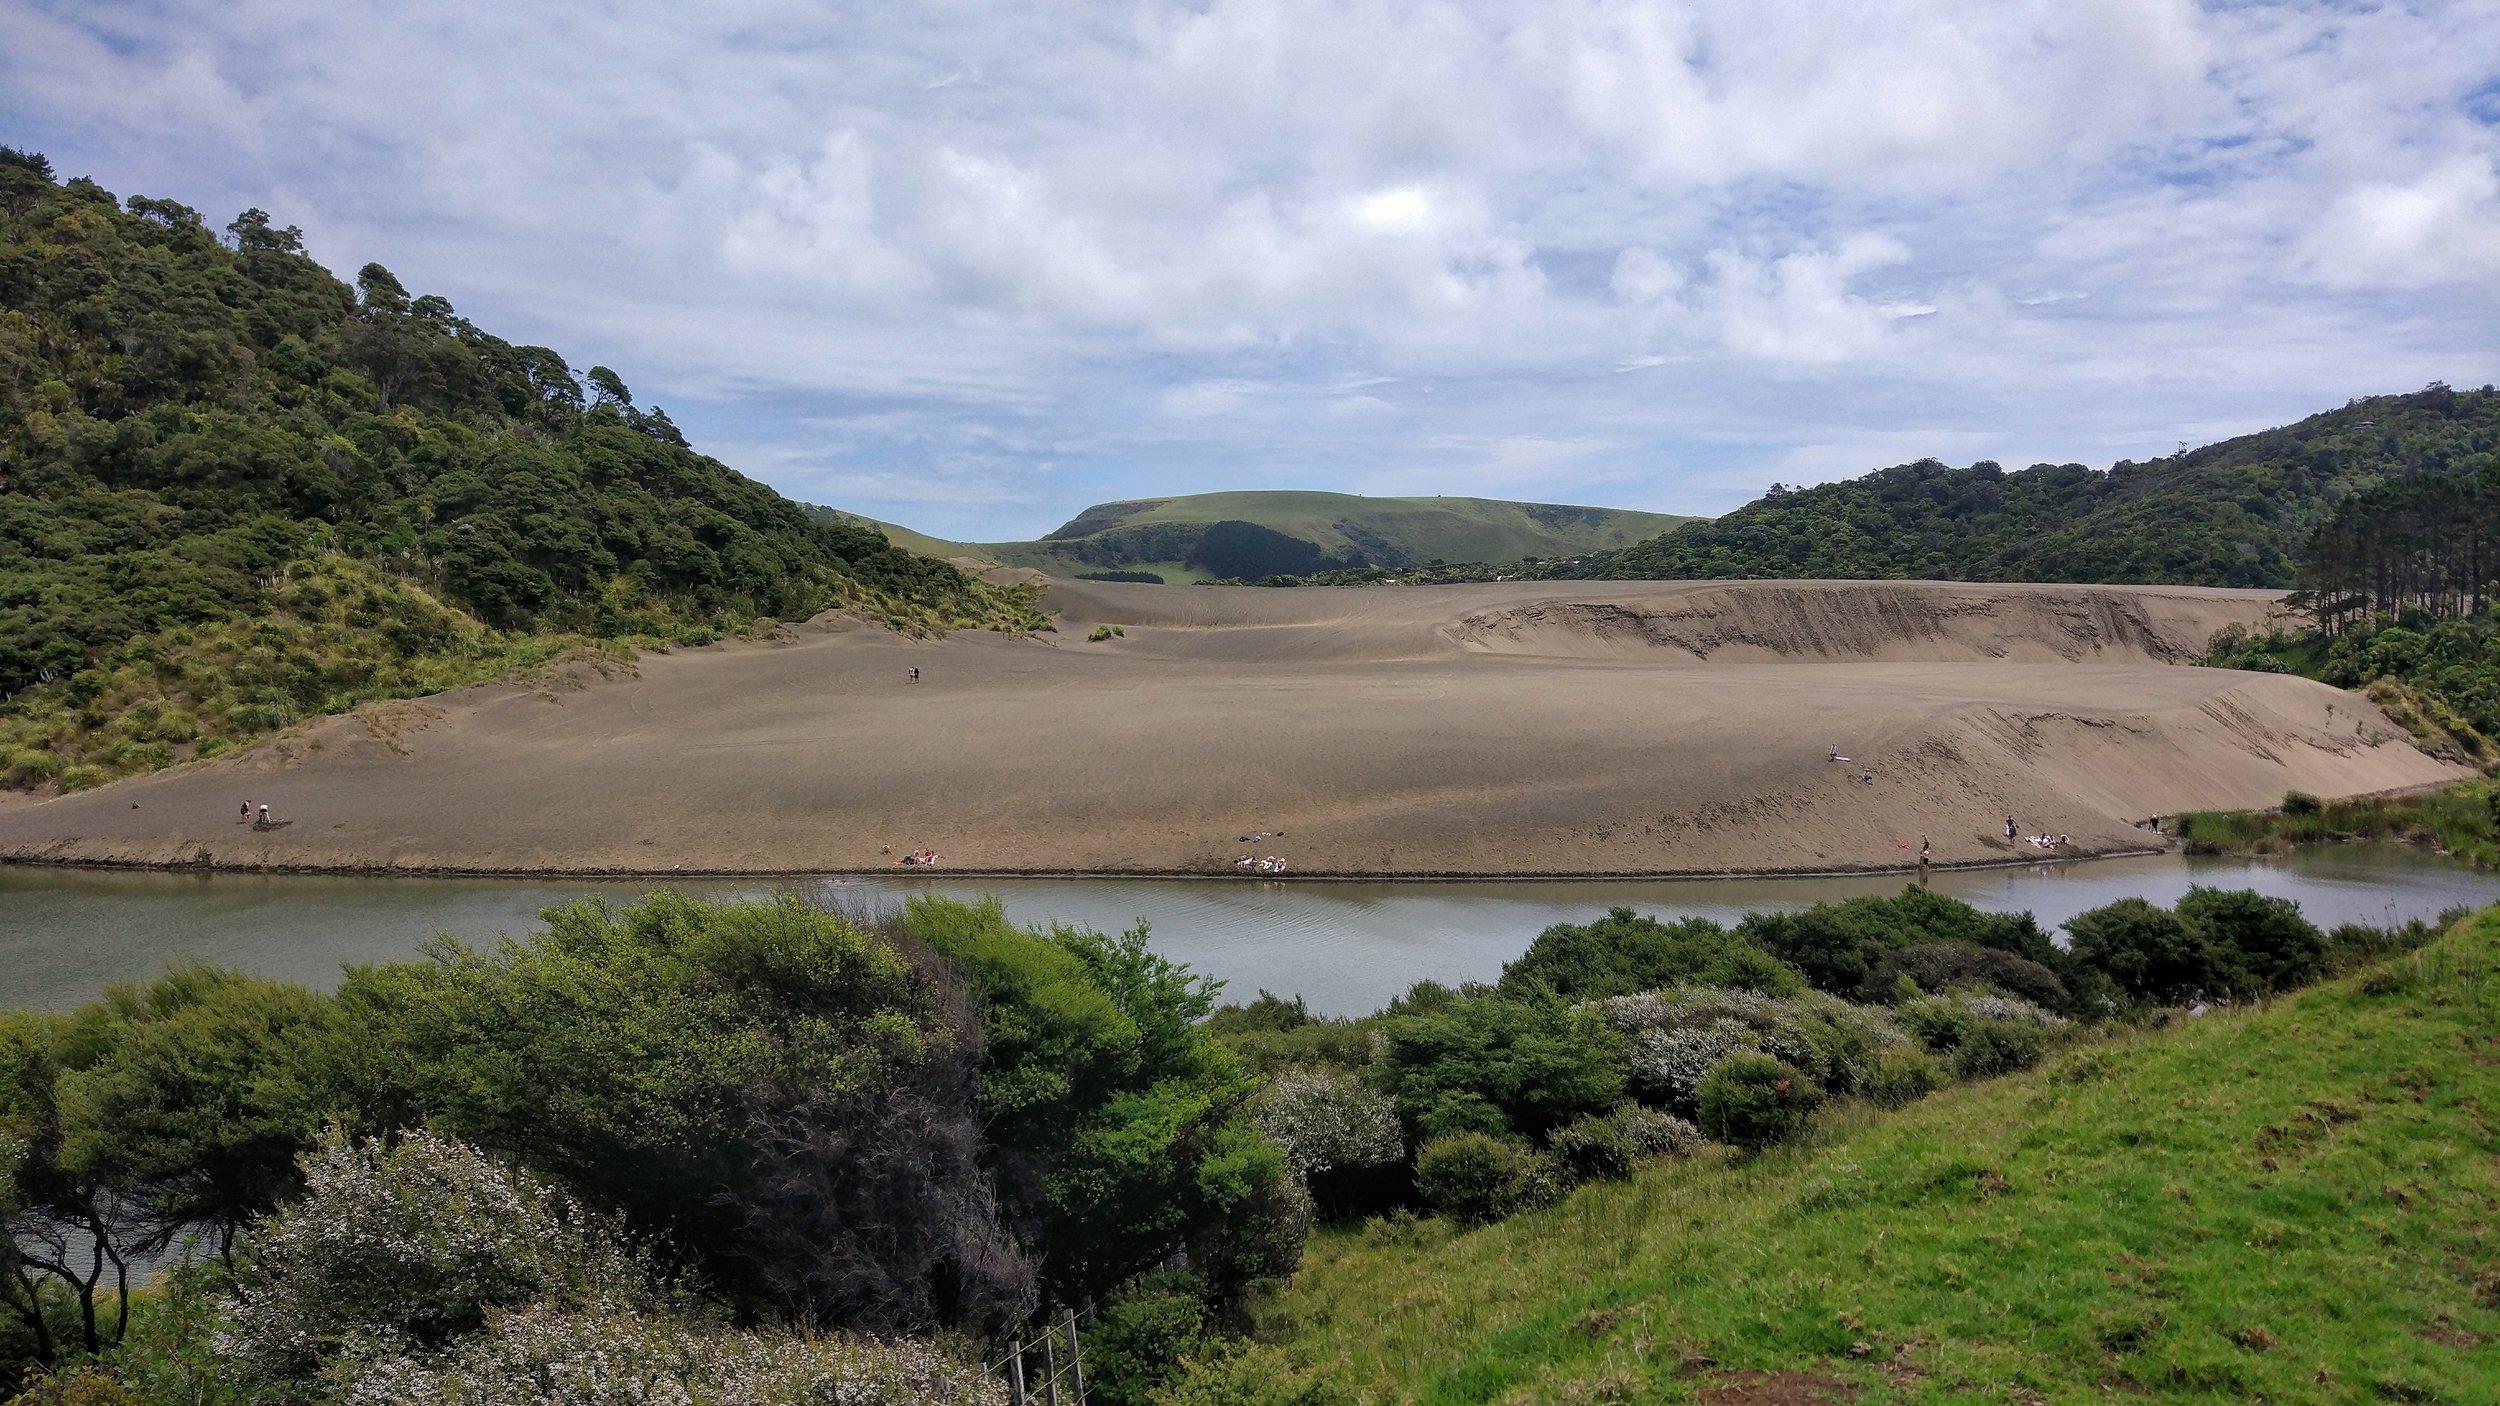 Surf a sand dune at Lake Wainamu -